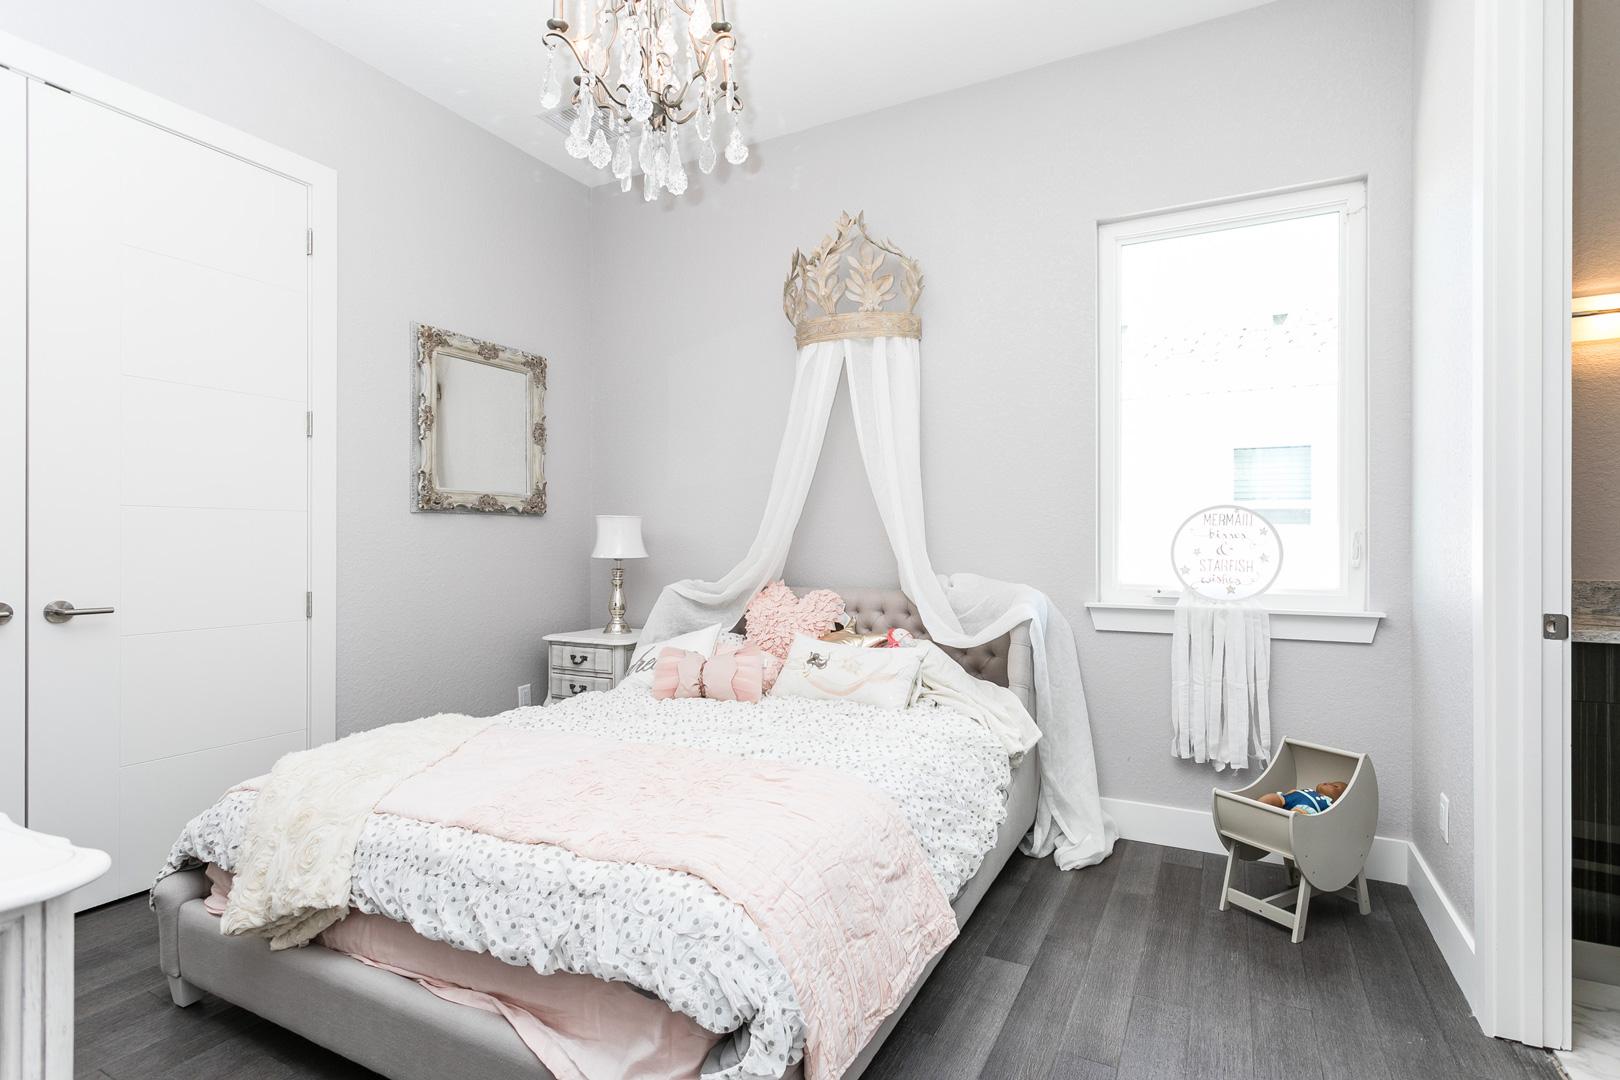 Bedrooms6